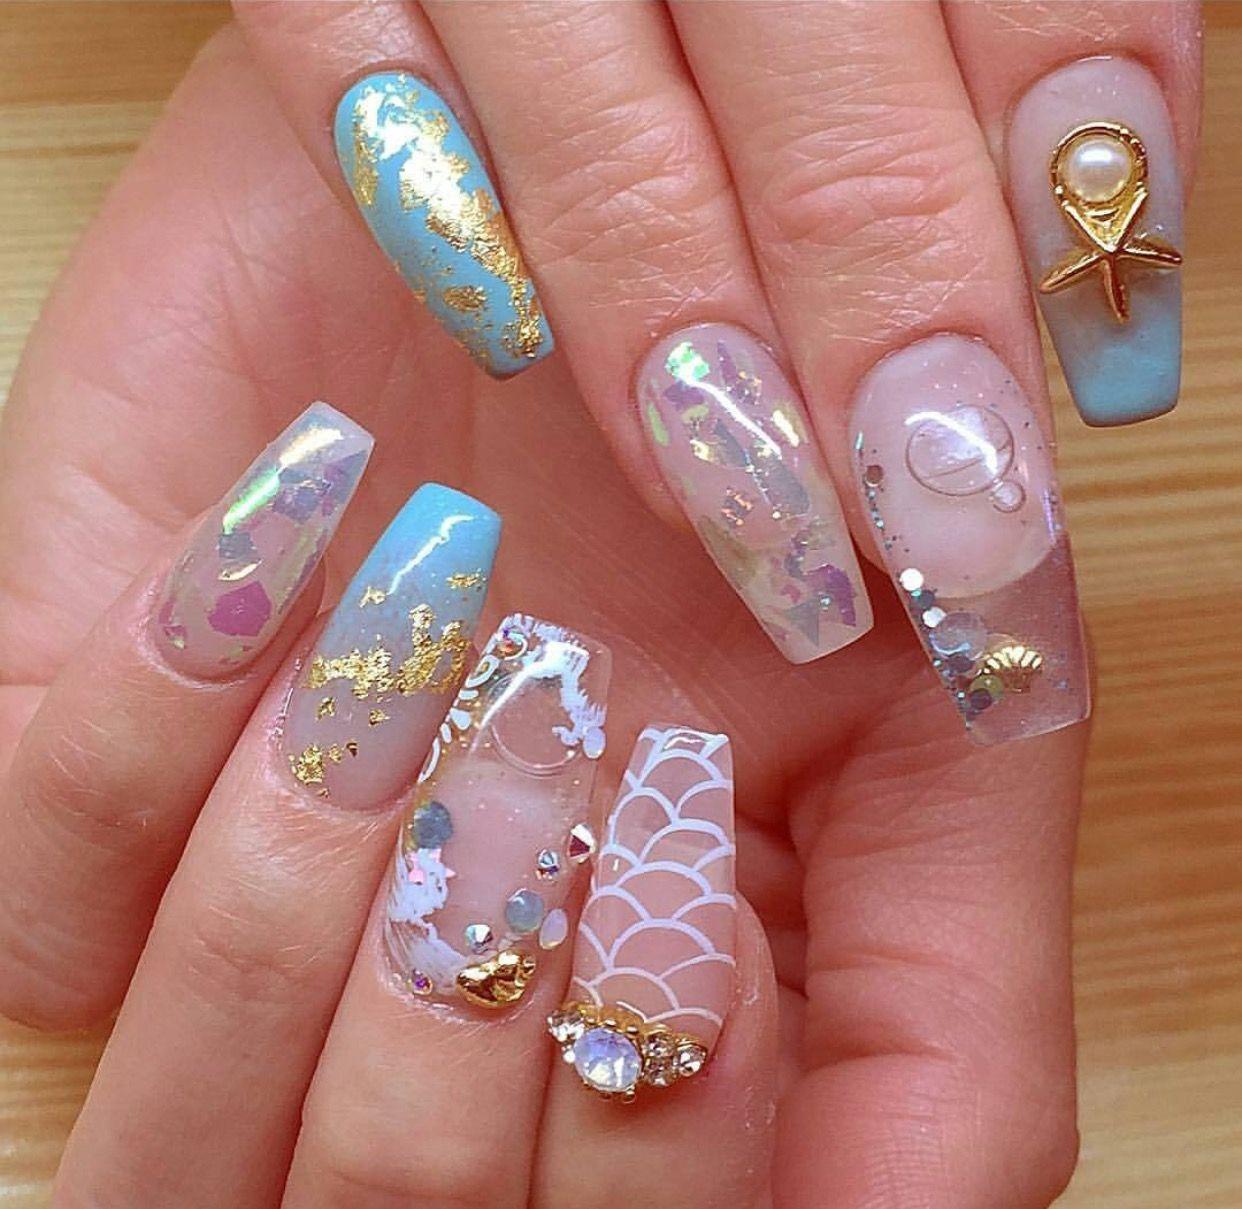 Aquarium nails   Square & Coffin Nails   Pinterest   Aquarium nails ...